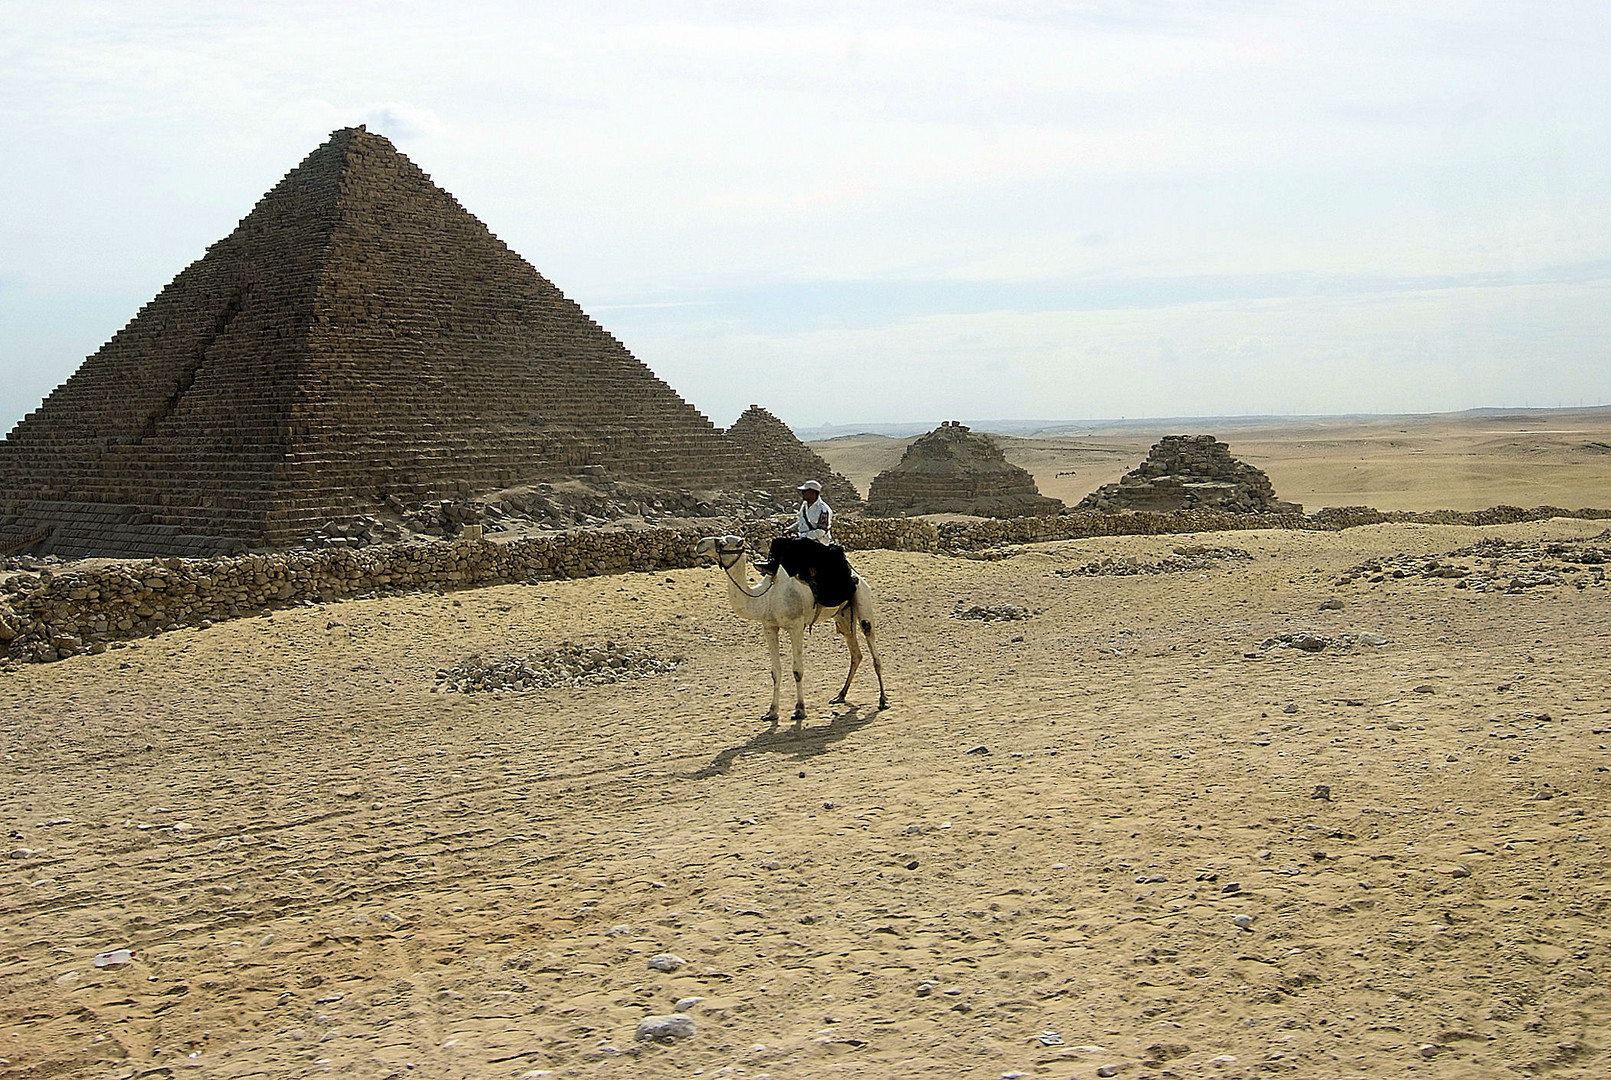 Pyramide Pharao Mykerinos (Menkaure)